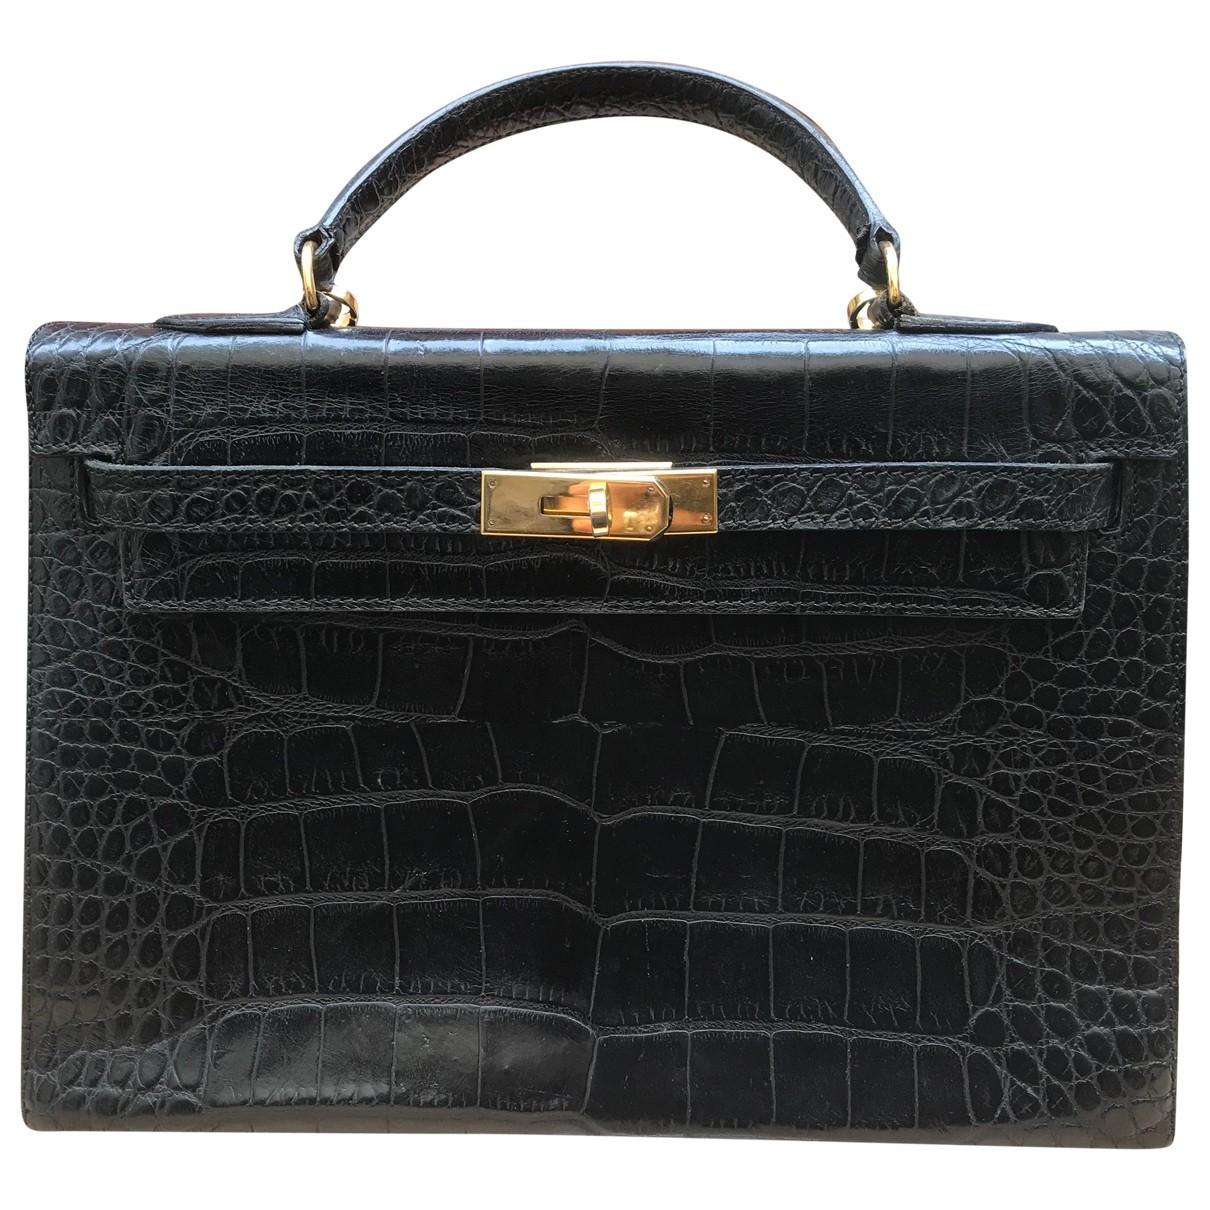 Hermes Kelly 32 Handtasche in  Schwarz Krokodil